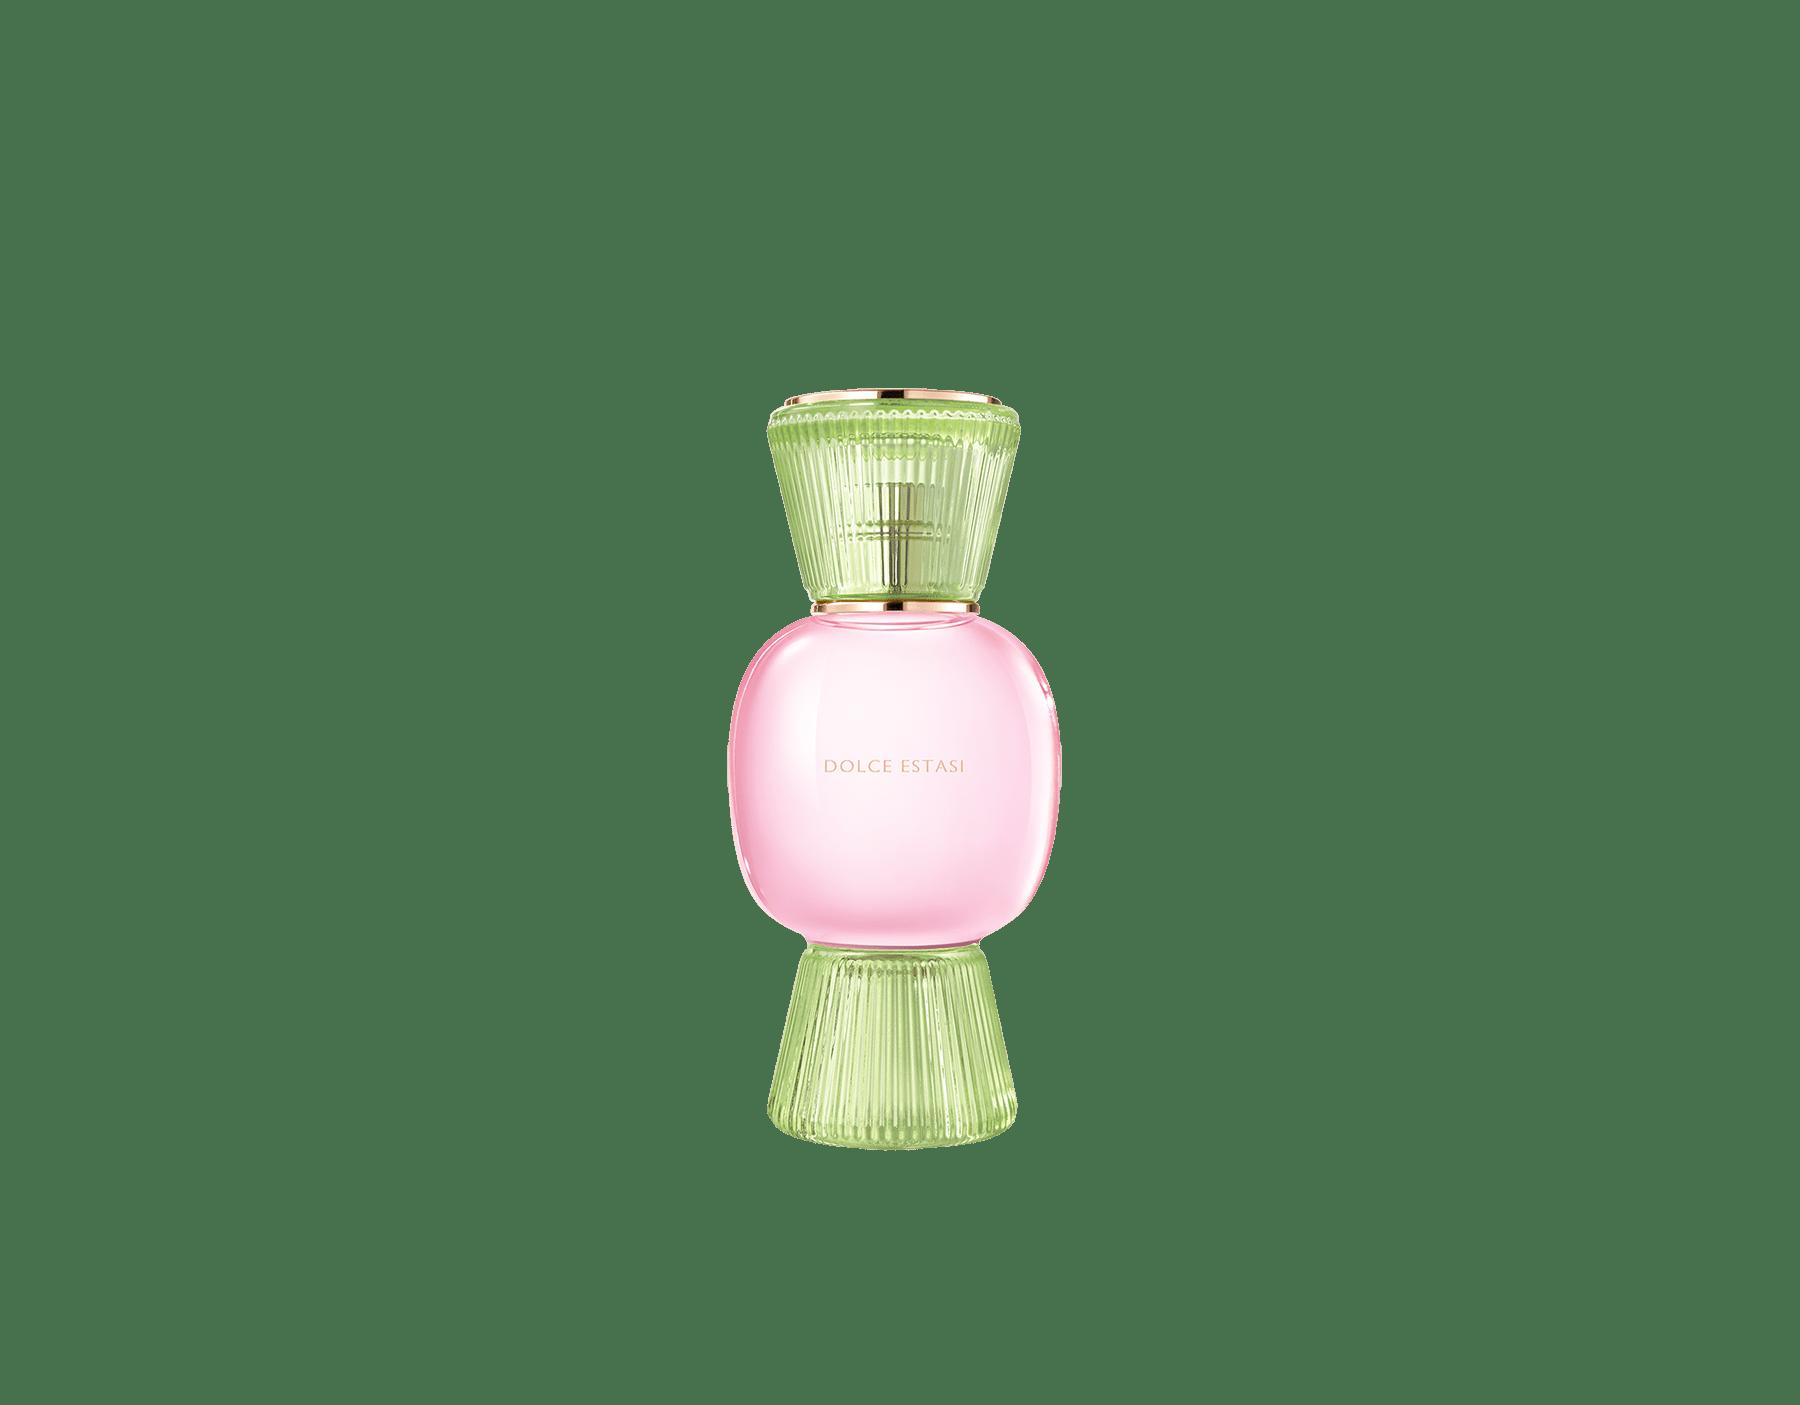 «C'est la célébration de la douceur, du cocon familial italien.» Jacques Cavallier Une fragrance florale poudrée et relaxante, évocatrice du doux souvenir des pâtisseries italiennes 41250 image 1